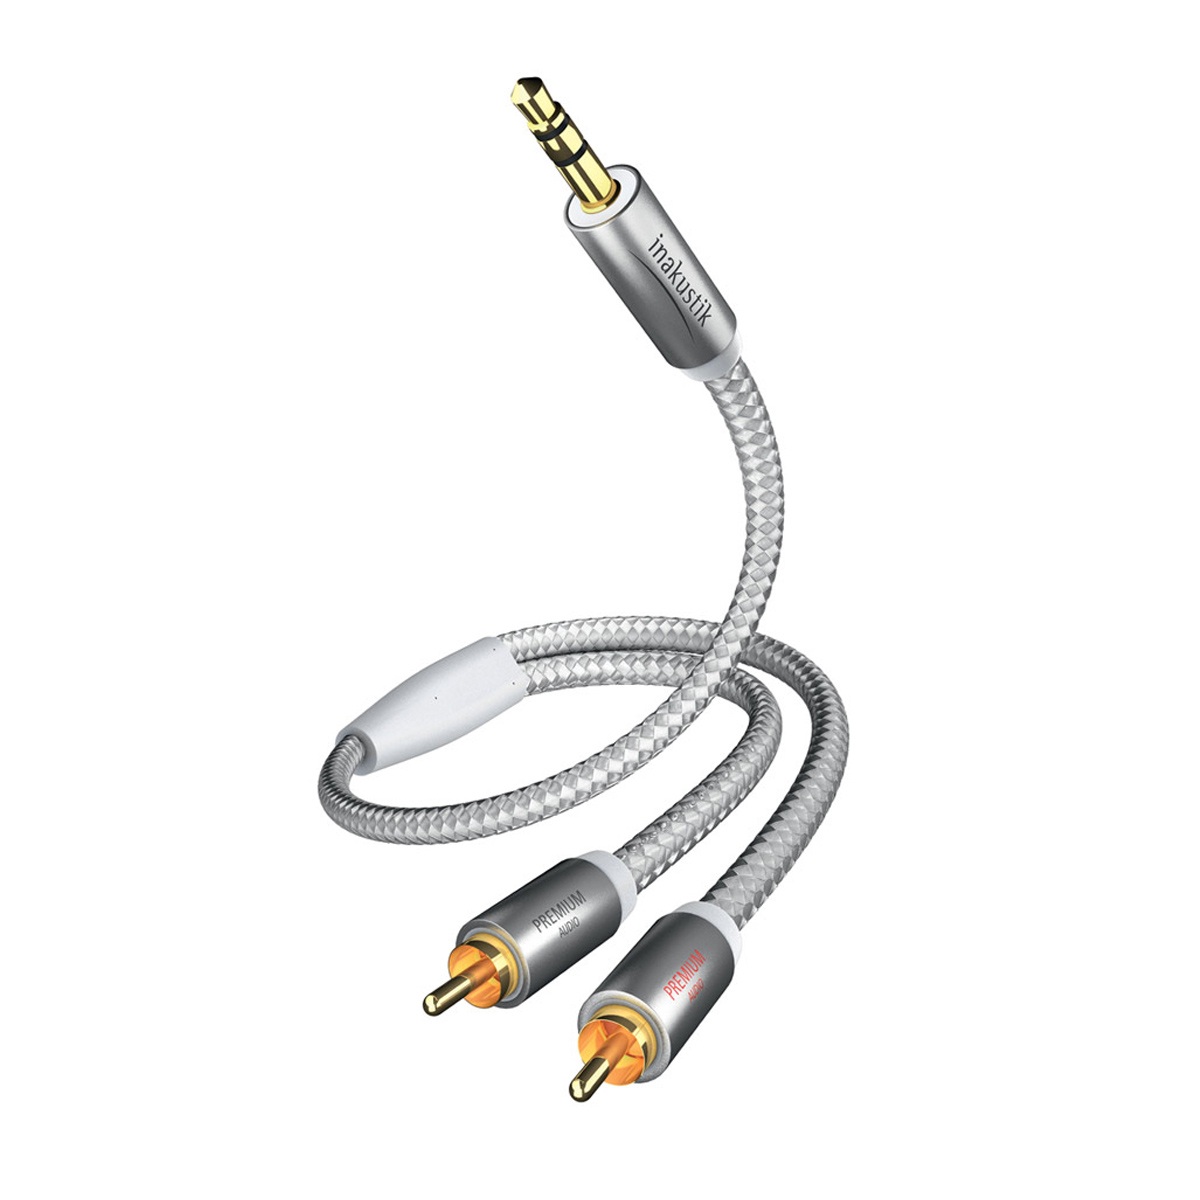 Rca-джек кабель своими руками 14